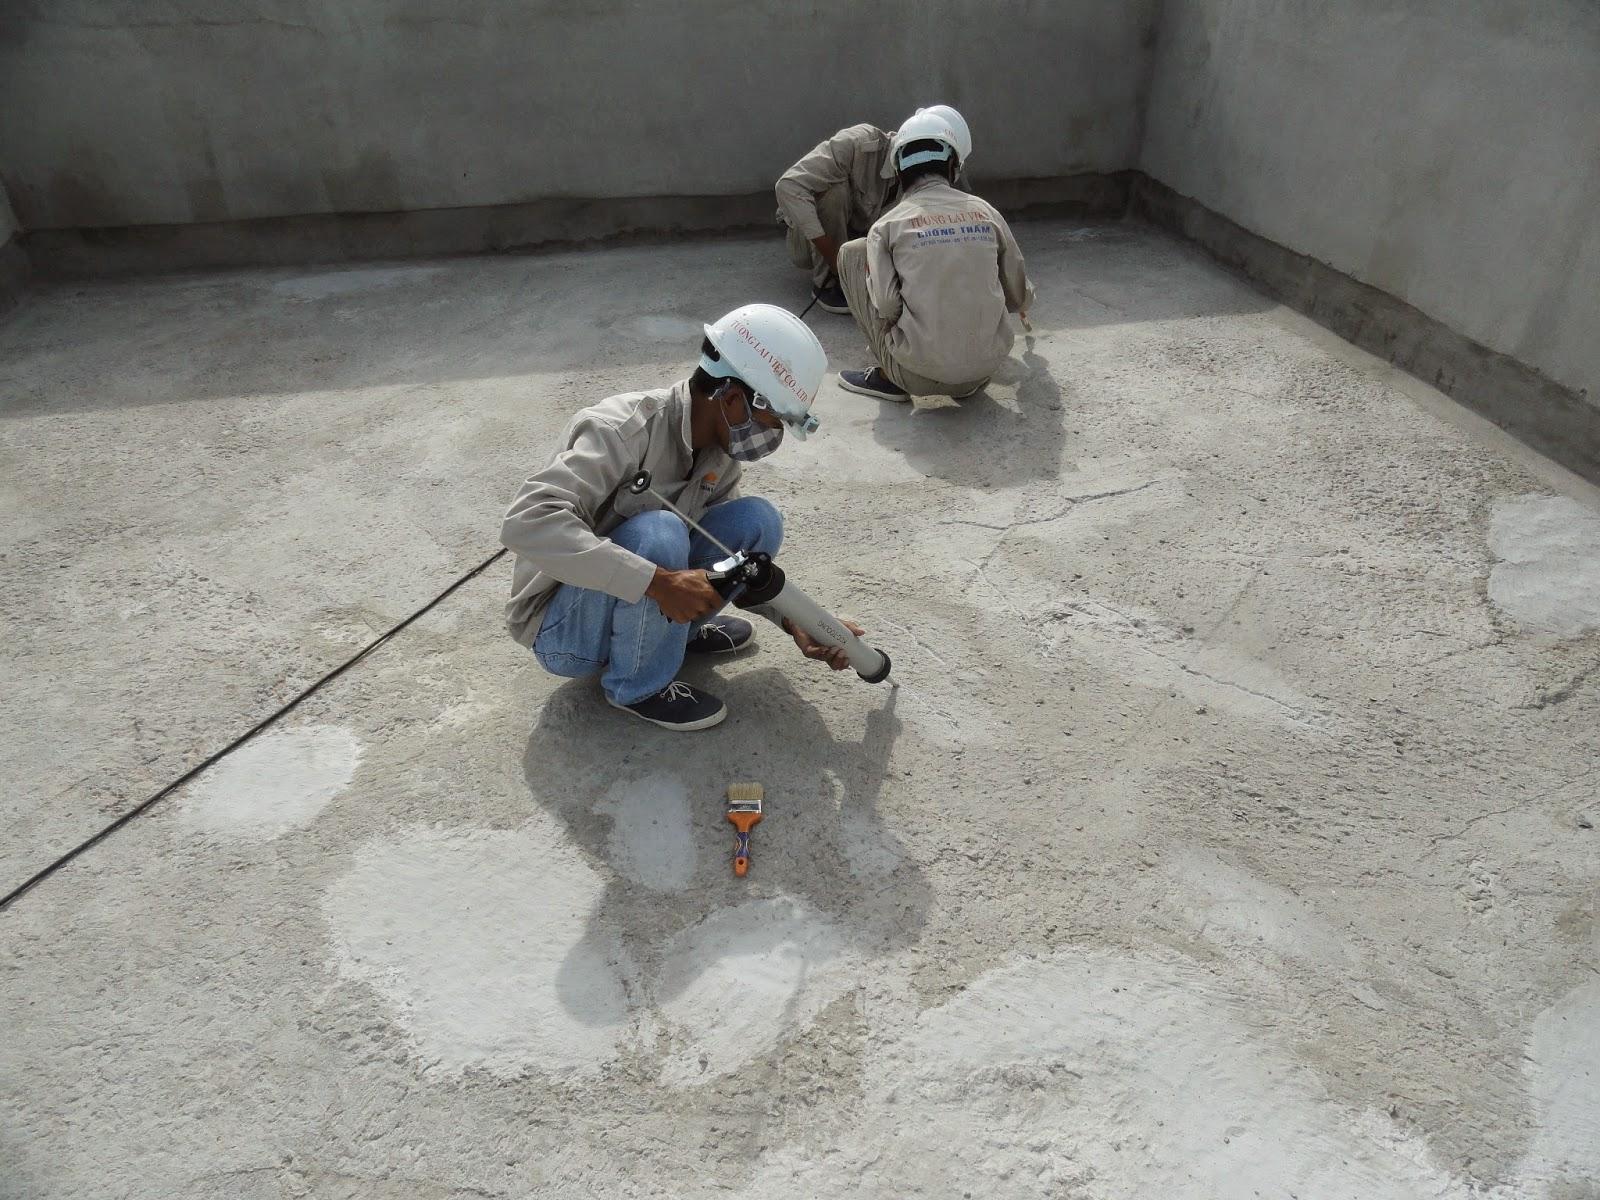 Xử lý các vết nứt chống rò rỉ nước.